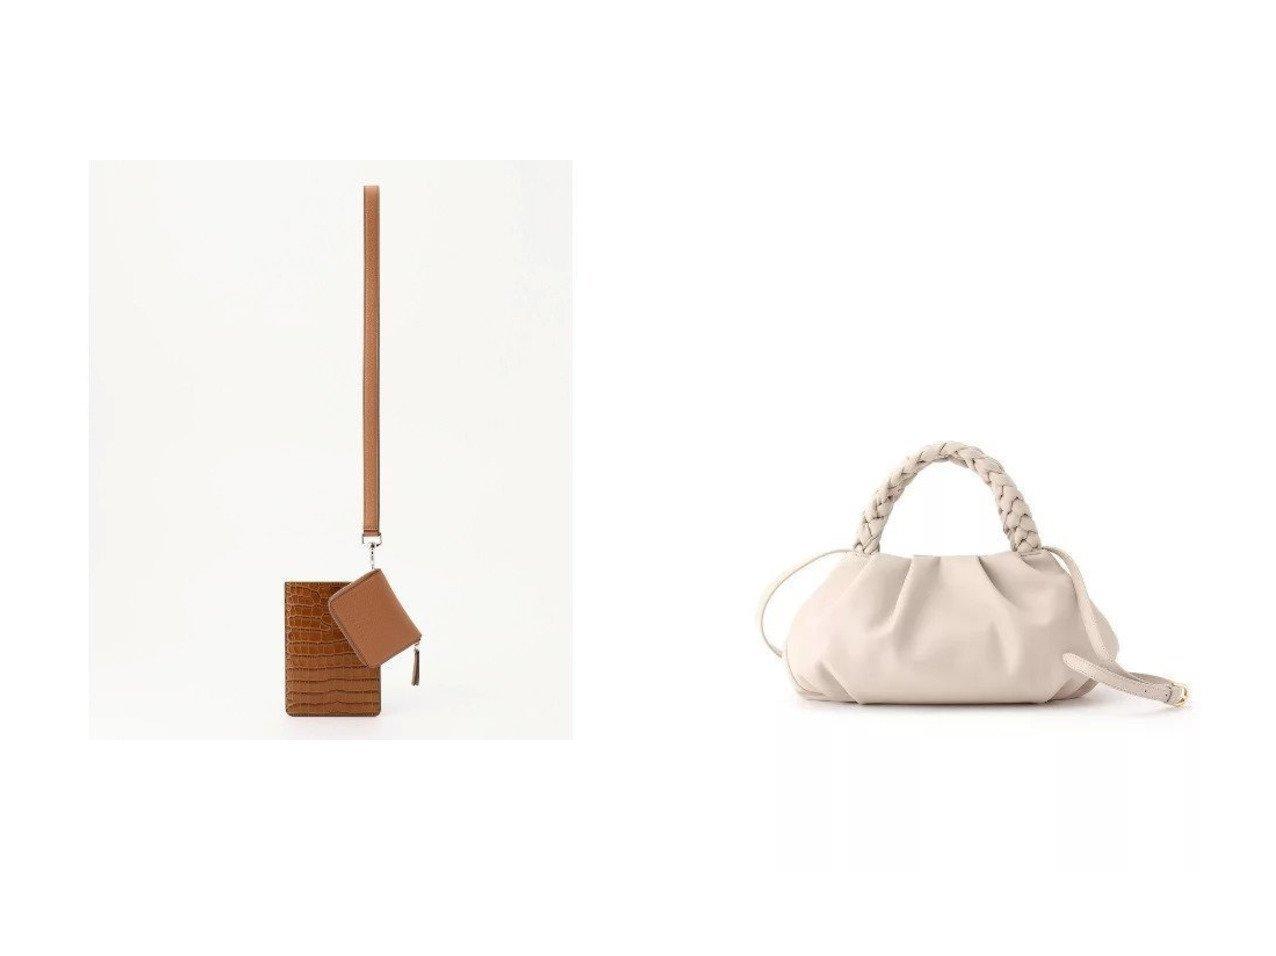 【JOSEPH/ジョゼフ】のクラッチ ショルダーバッグ&【UNTITLED/アンタイトル】のソフトタック三つ編みハンドバッグ バッグ・鞄のおすすめ!人気、トレンド・レディースファッションの通販  おすすめで人気の流行・トレンド、ファッションの通販商品 メンズファッション・キッズファッション・インテリア・家具・レディースファッション・服の通販 founy(ファニー) https://founy.com/ ファッション Fashion レディースファッション WOMEN バッグ Bag クラッチ スマホ ポーチ 人気 ハンドバッグ フォルム ベーシック ポケット  ID:crp329100000009943